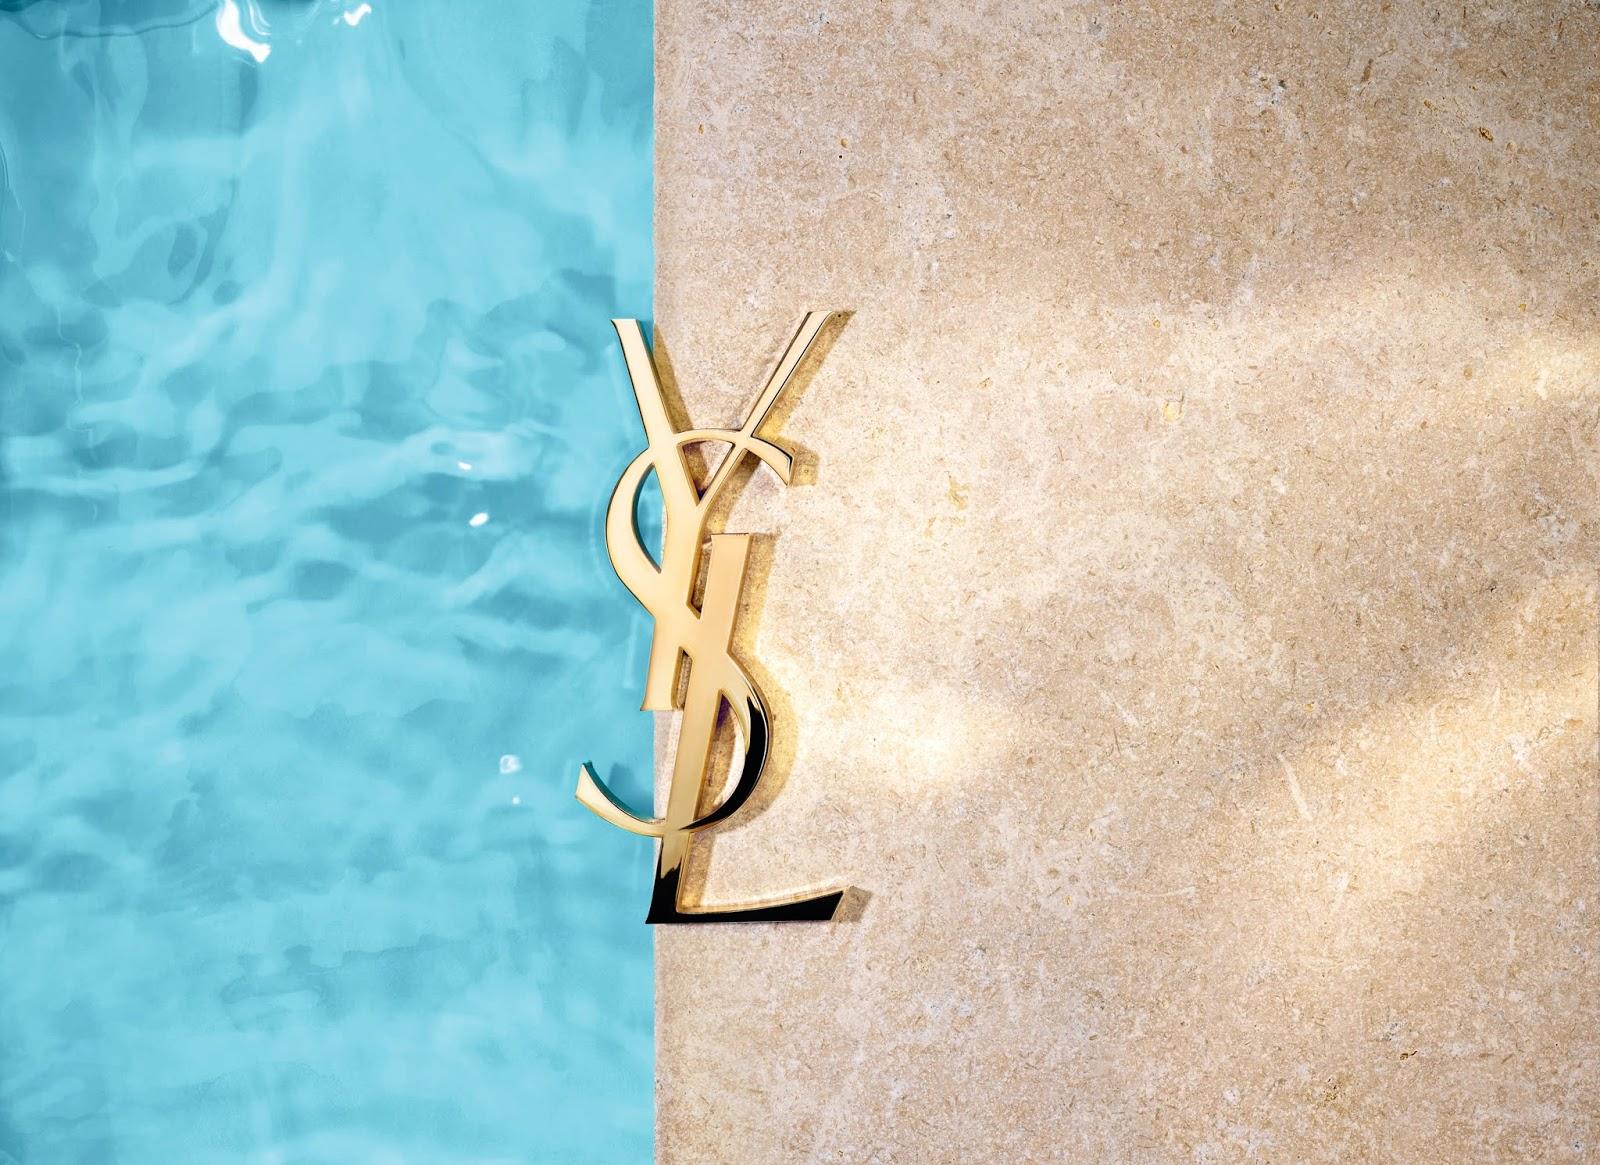 YSL presenta el look #PoolPartyProof